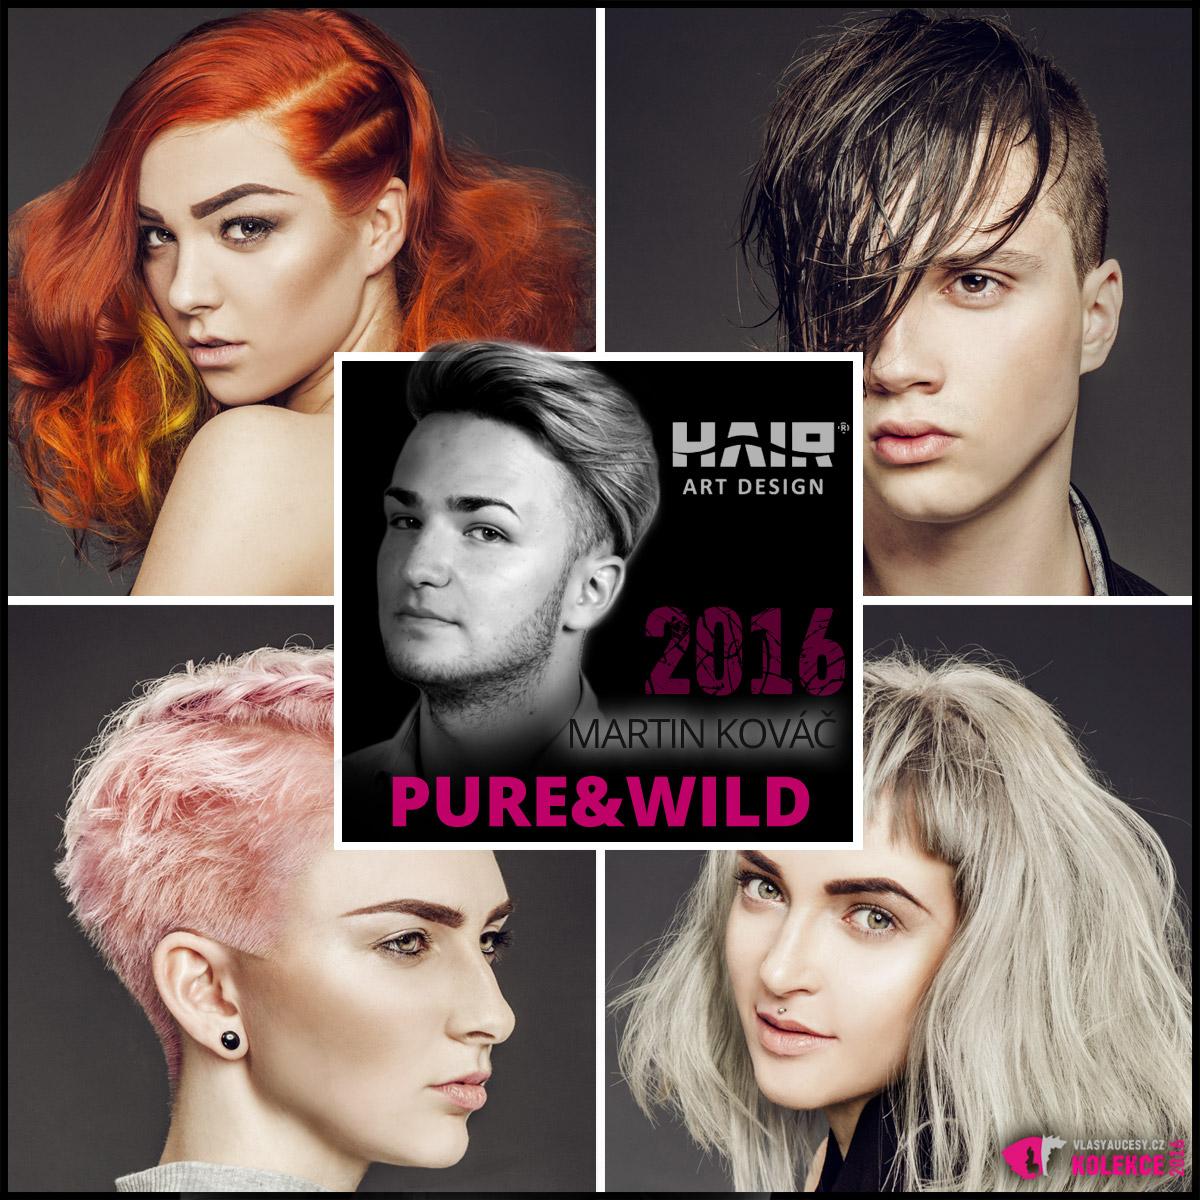 """Nová kolekce Hair Art Design < a href=""""http://www.hairartdesign.com"""" target=""""_blank"""">www.hairartdesign.com</a> s názvem Pure&Wild představuje účesy pro jaro a léto 2016. Najdete v ní jeden aktuální módní účesový trend vedle druhého. A majitel salonu, Martin Kováč, se nebojí přiznat, že je """"stylař""""."""